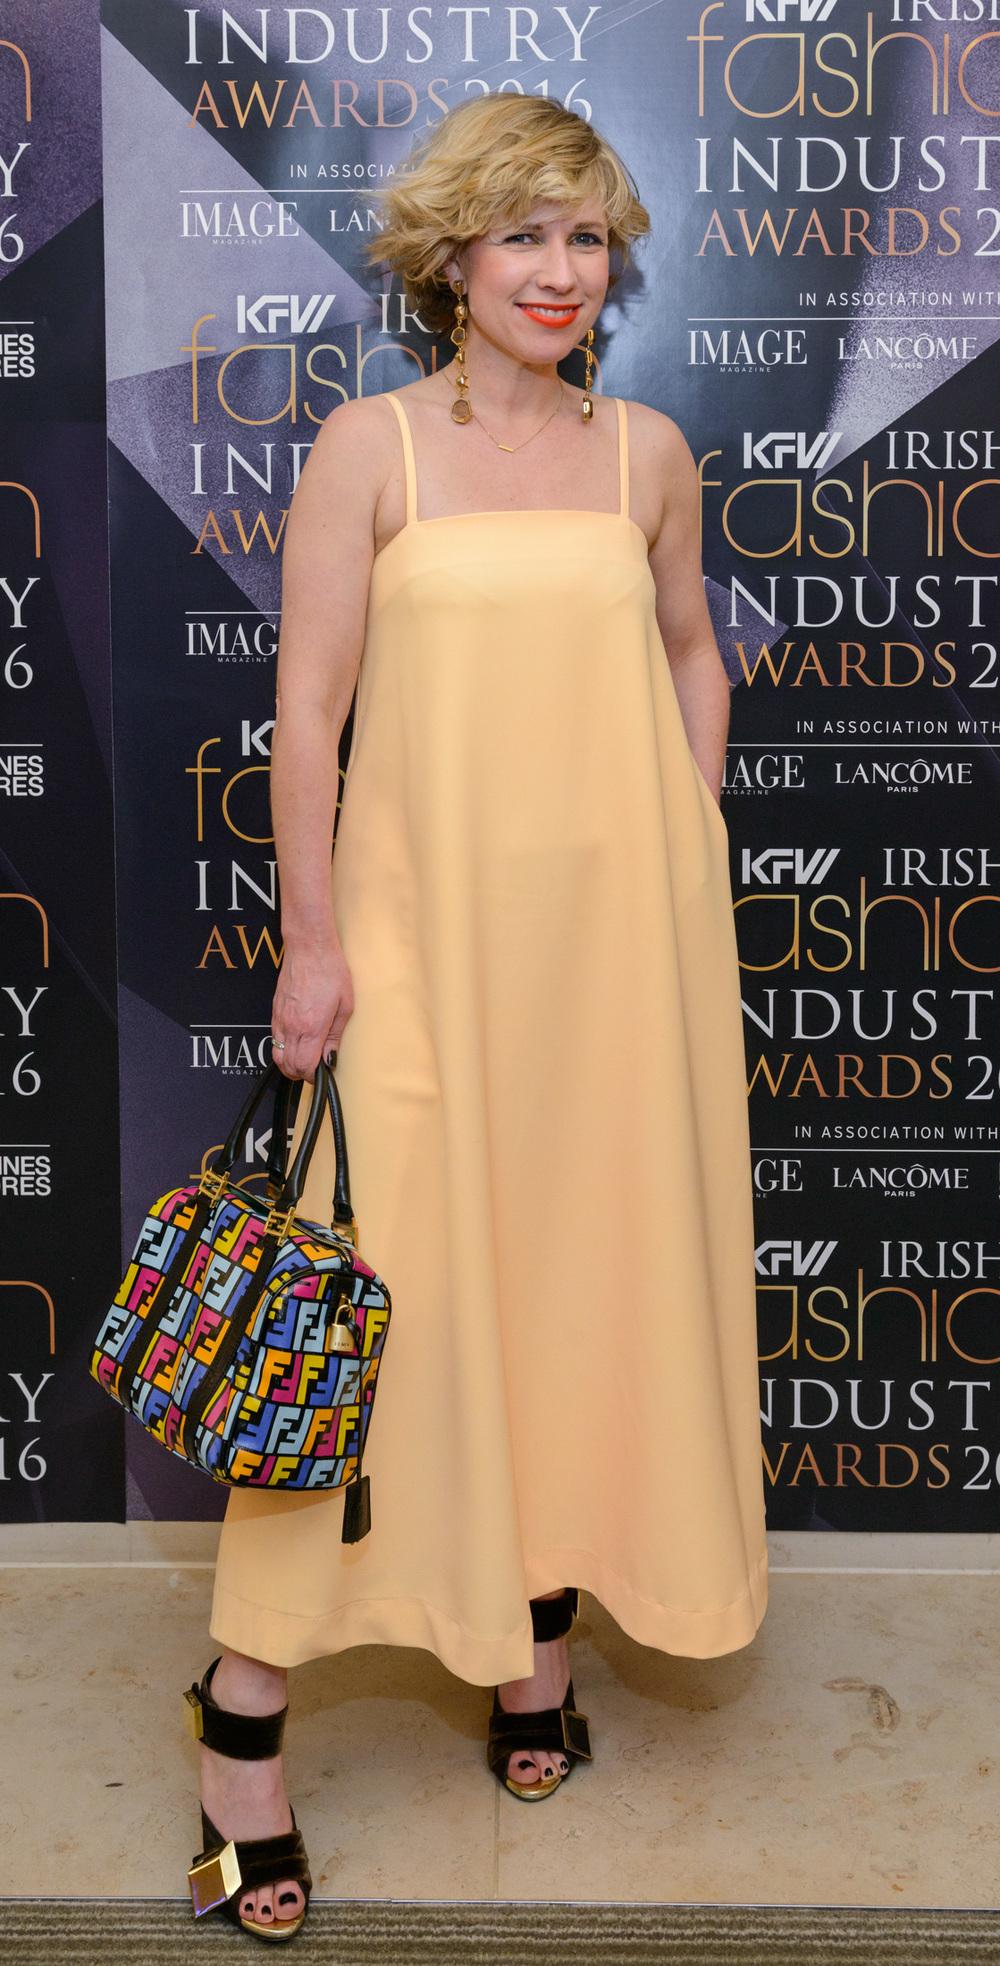 KFW16_Irish Fashion Industry Awards_10076.JPG